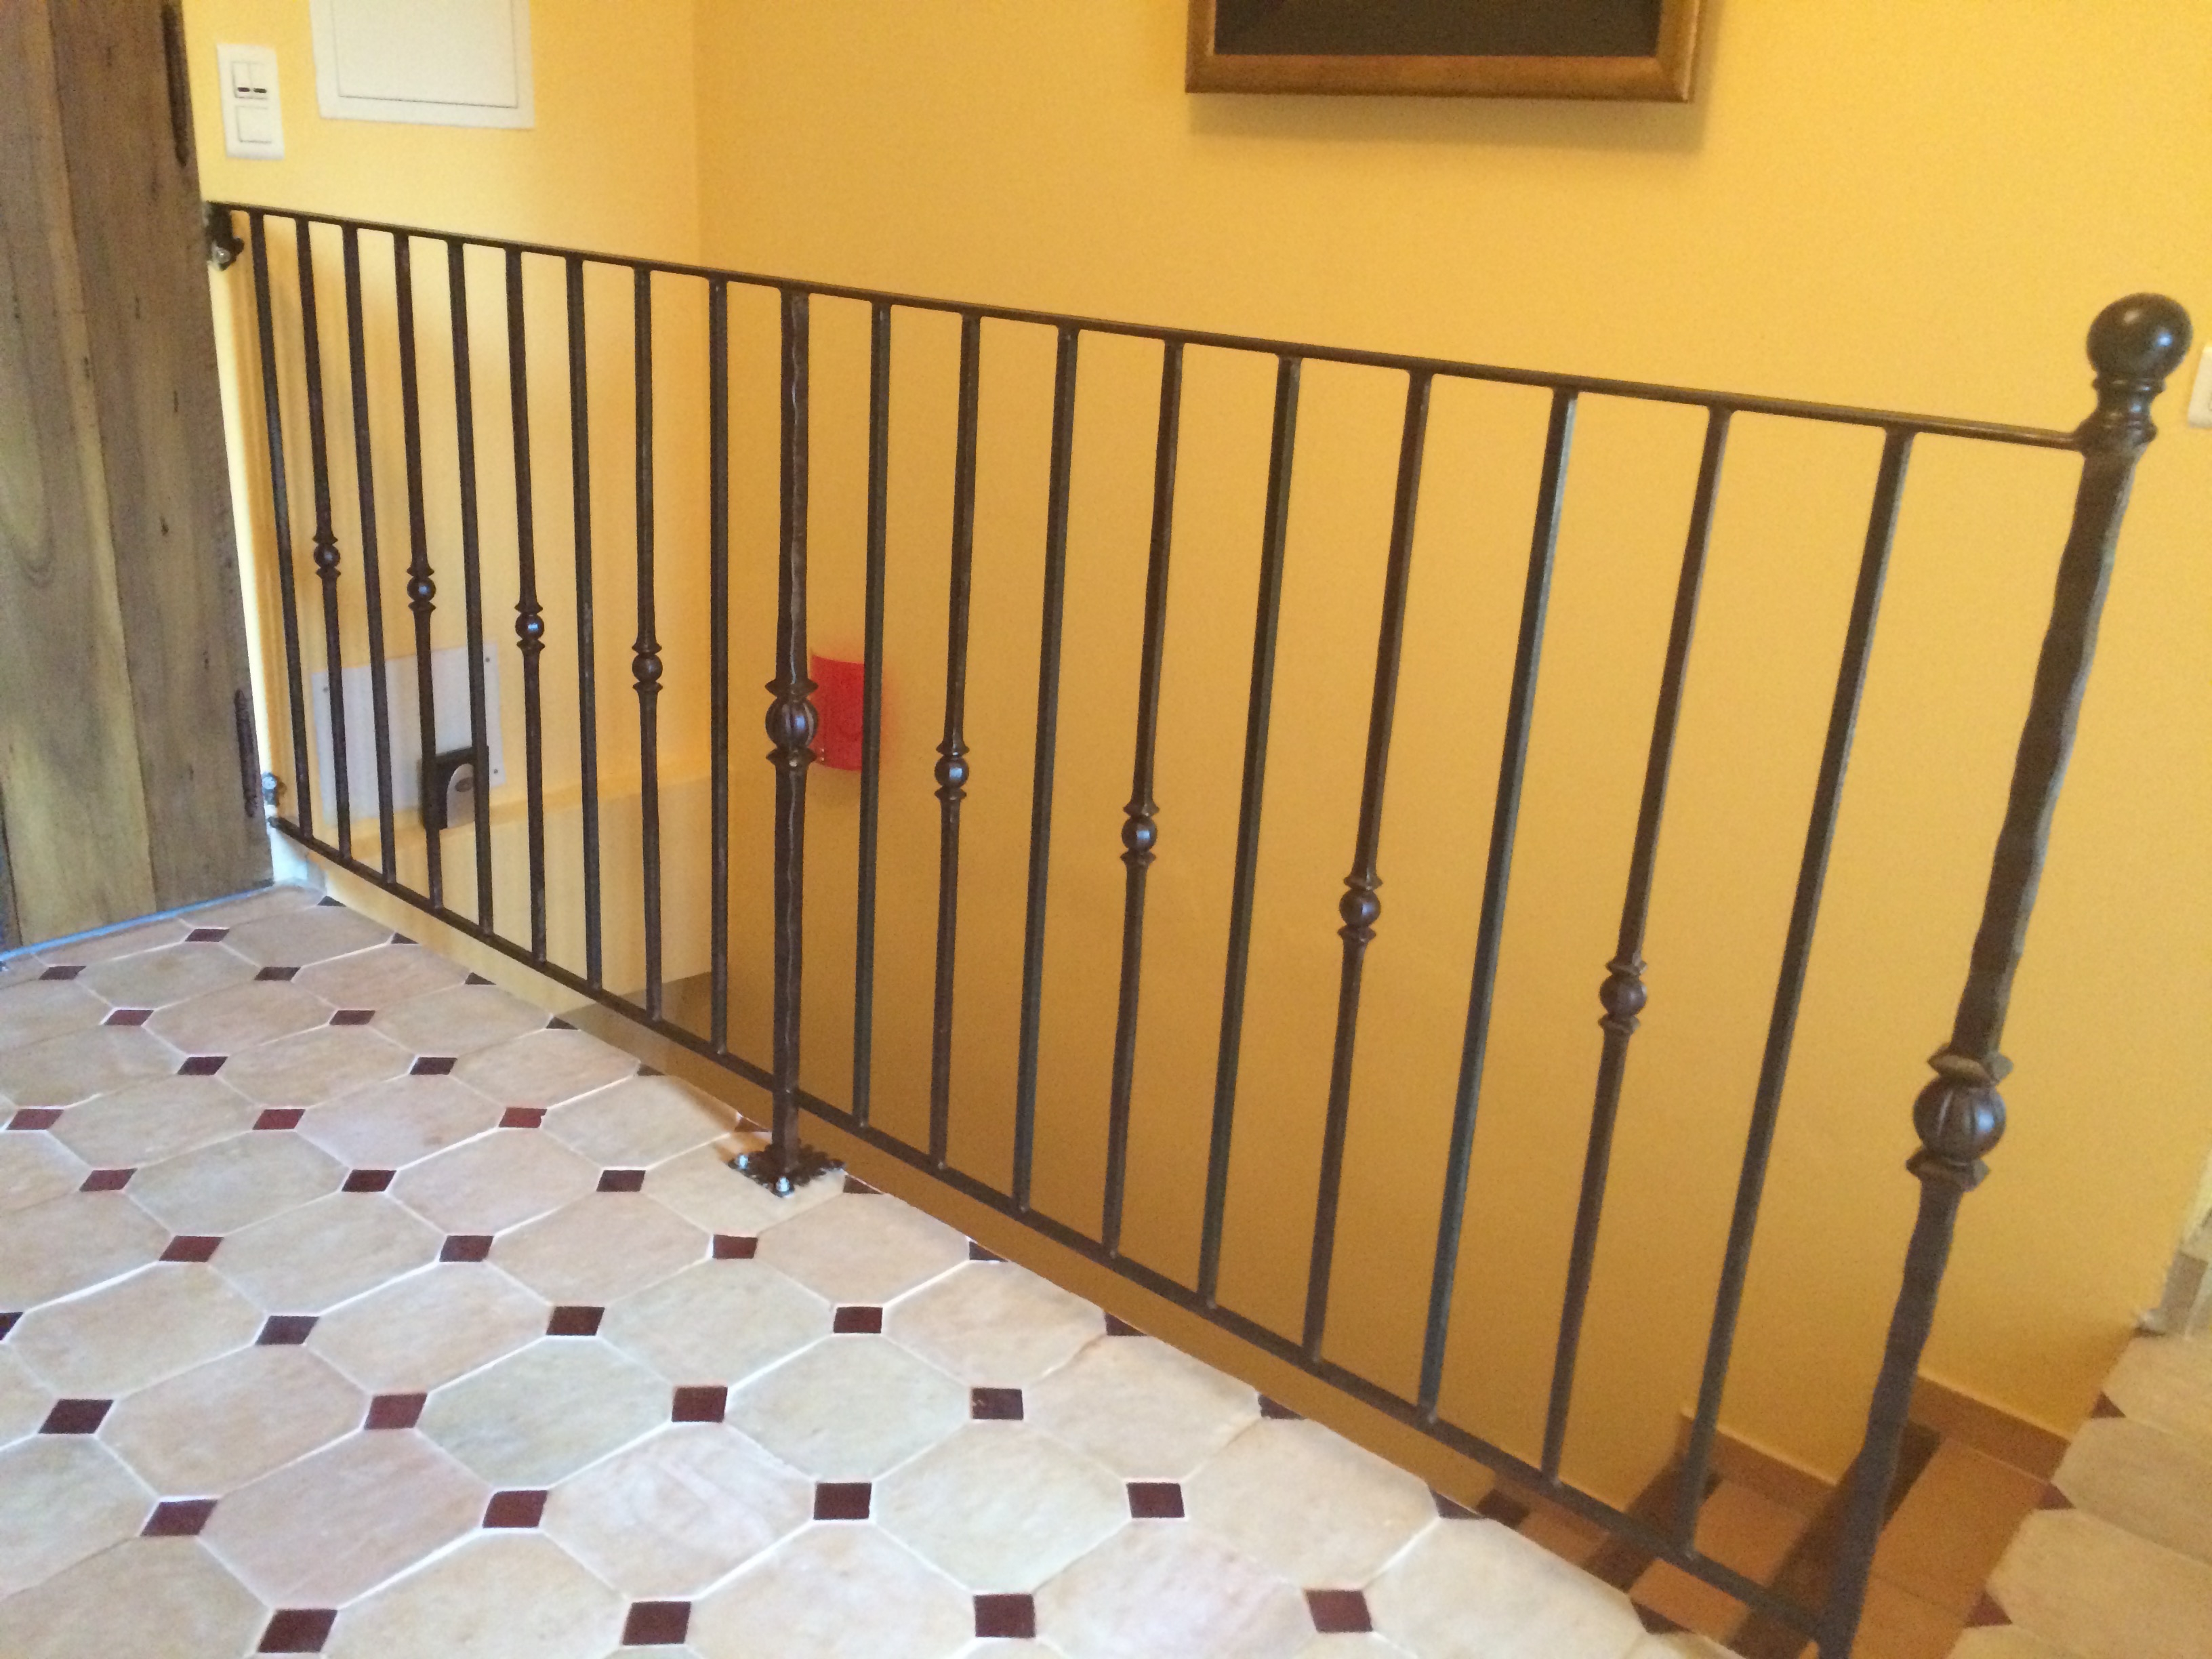 A la demande de notre client nous avons fabriqué sur mesure un garde corps de protection escalier avec décors de notre gamme .Finition au brunisseur par le client . Localisation Ile de France